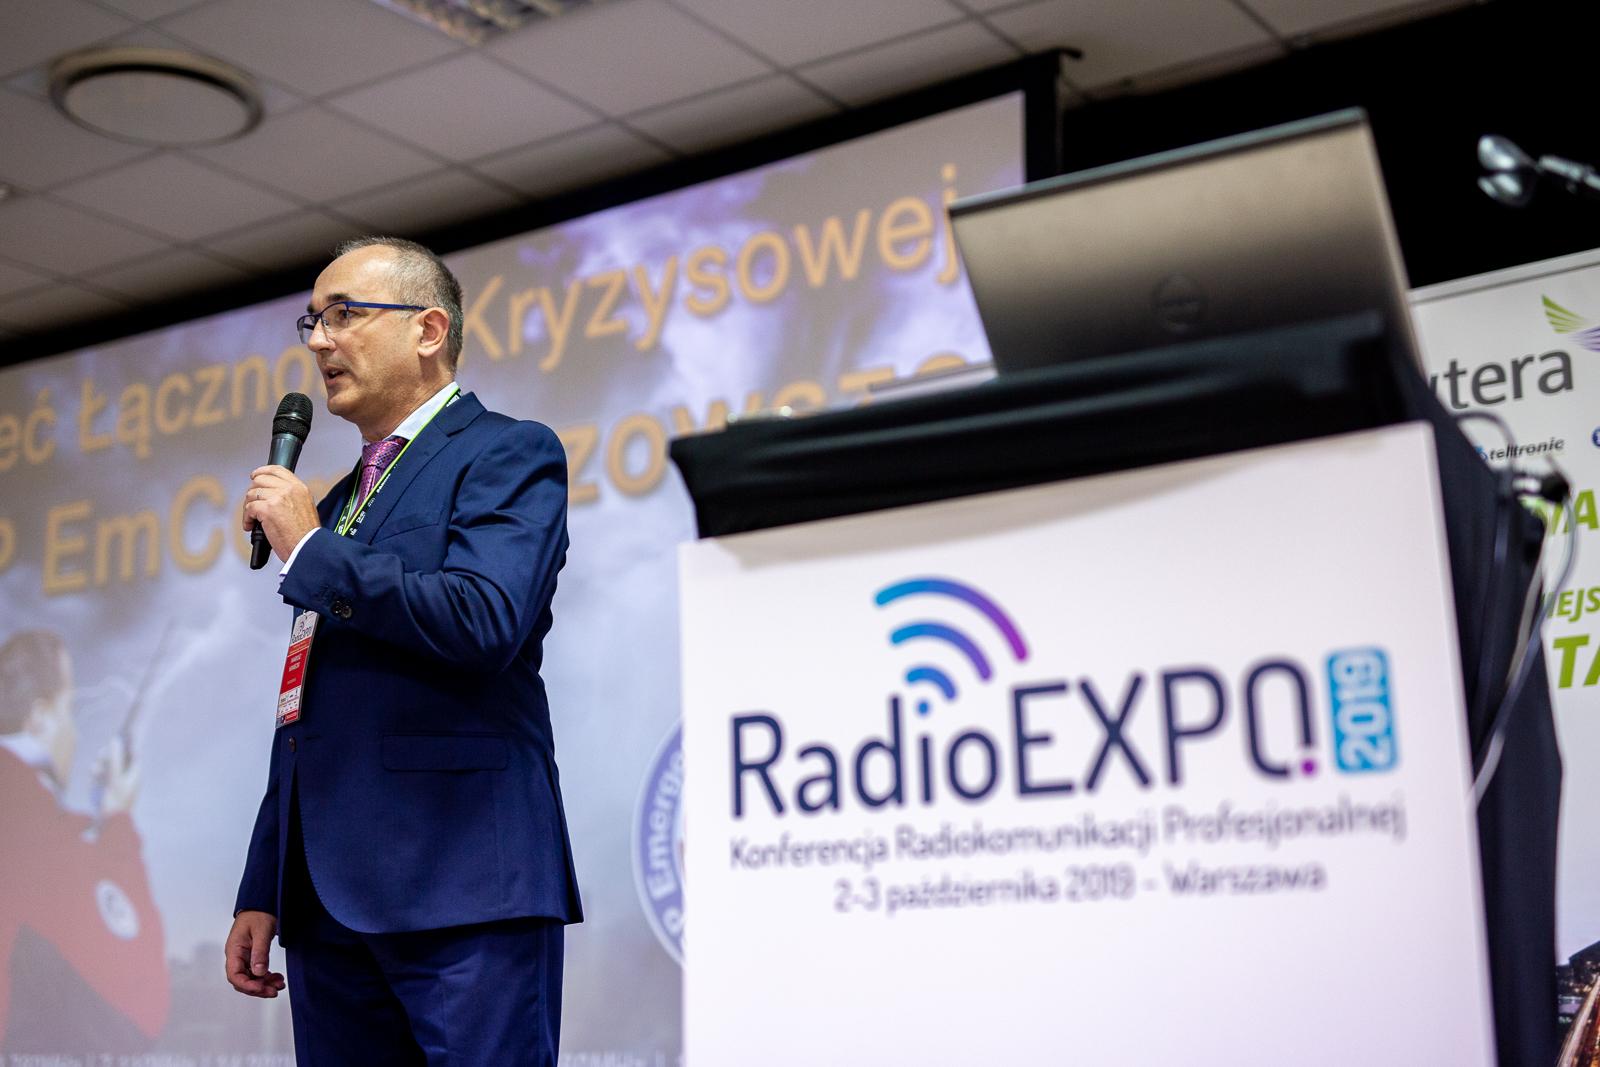 Mariusz Kaniecki prowadzący RadioEXPO 2019